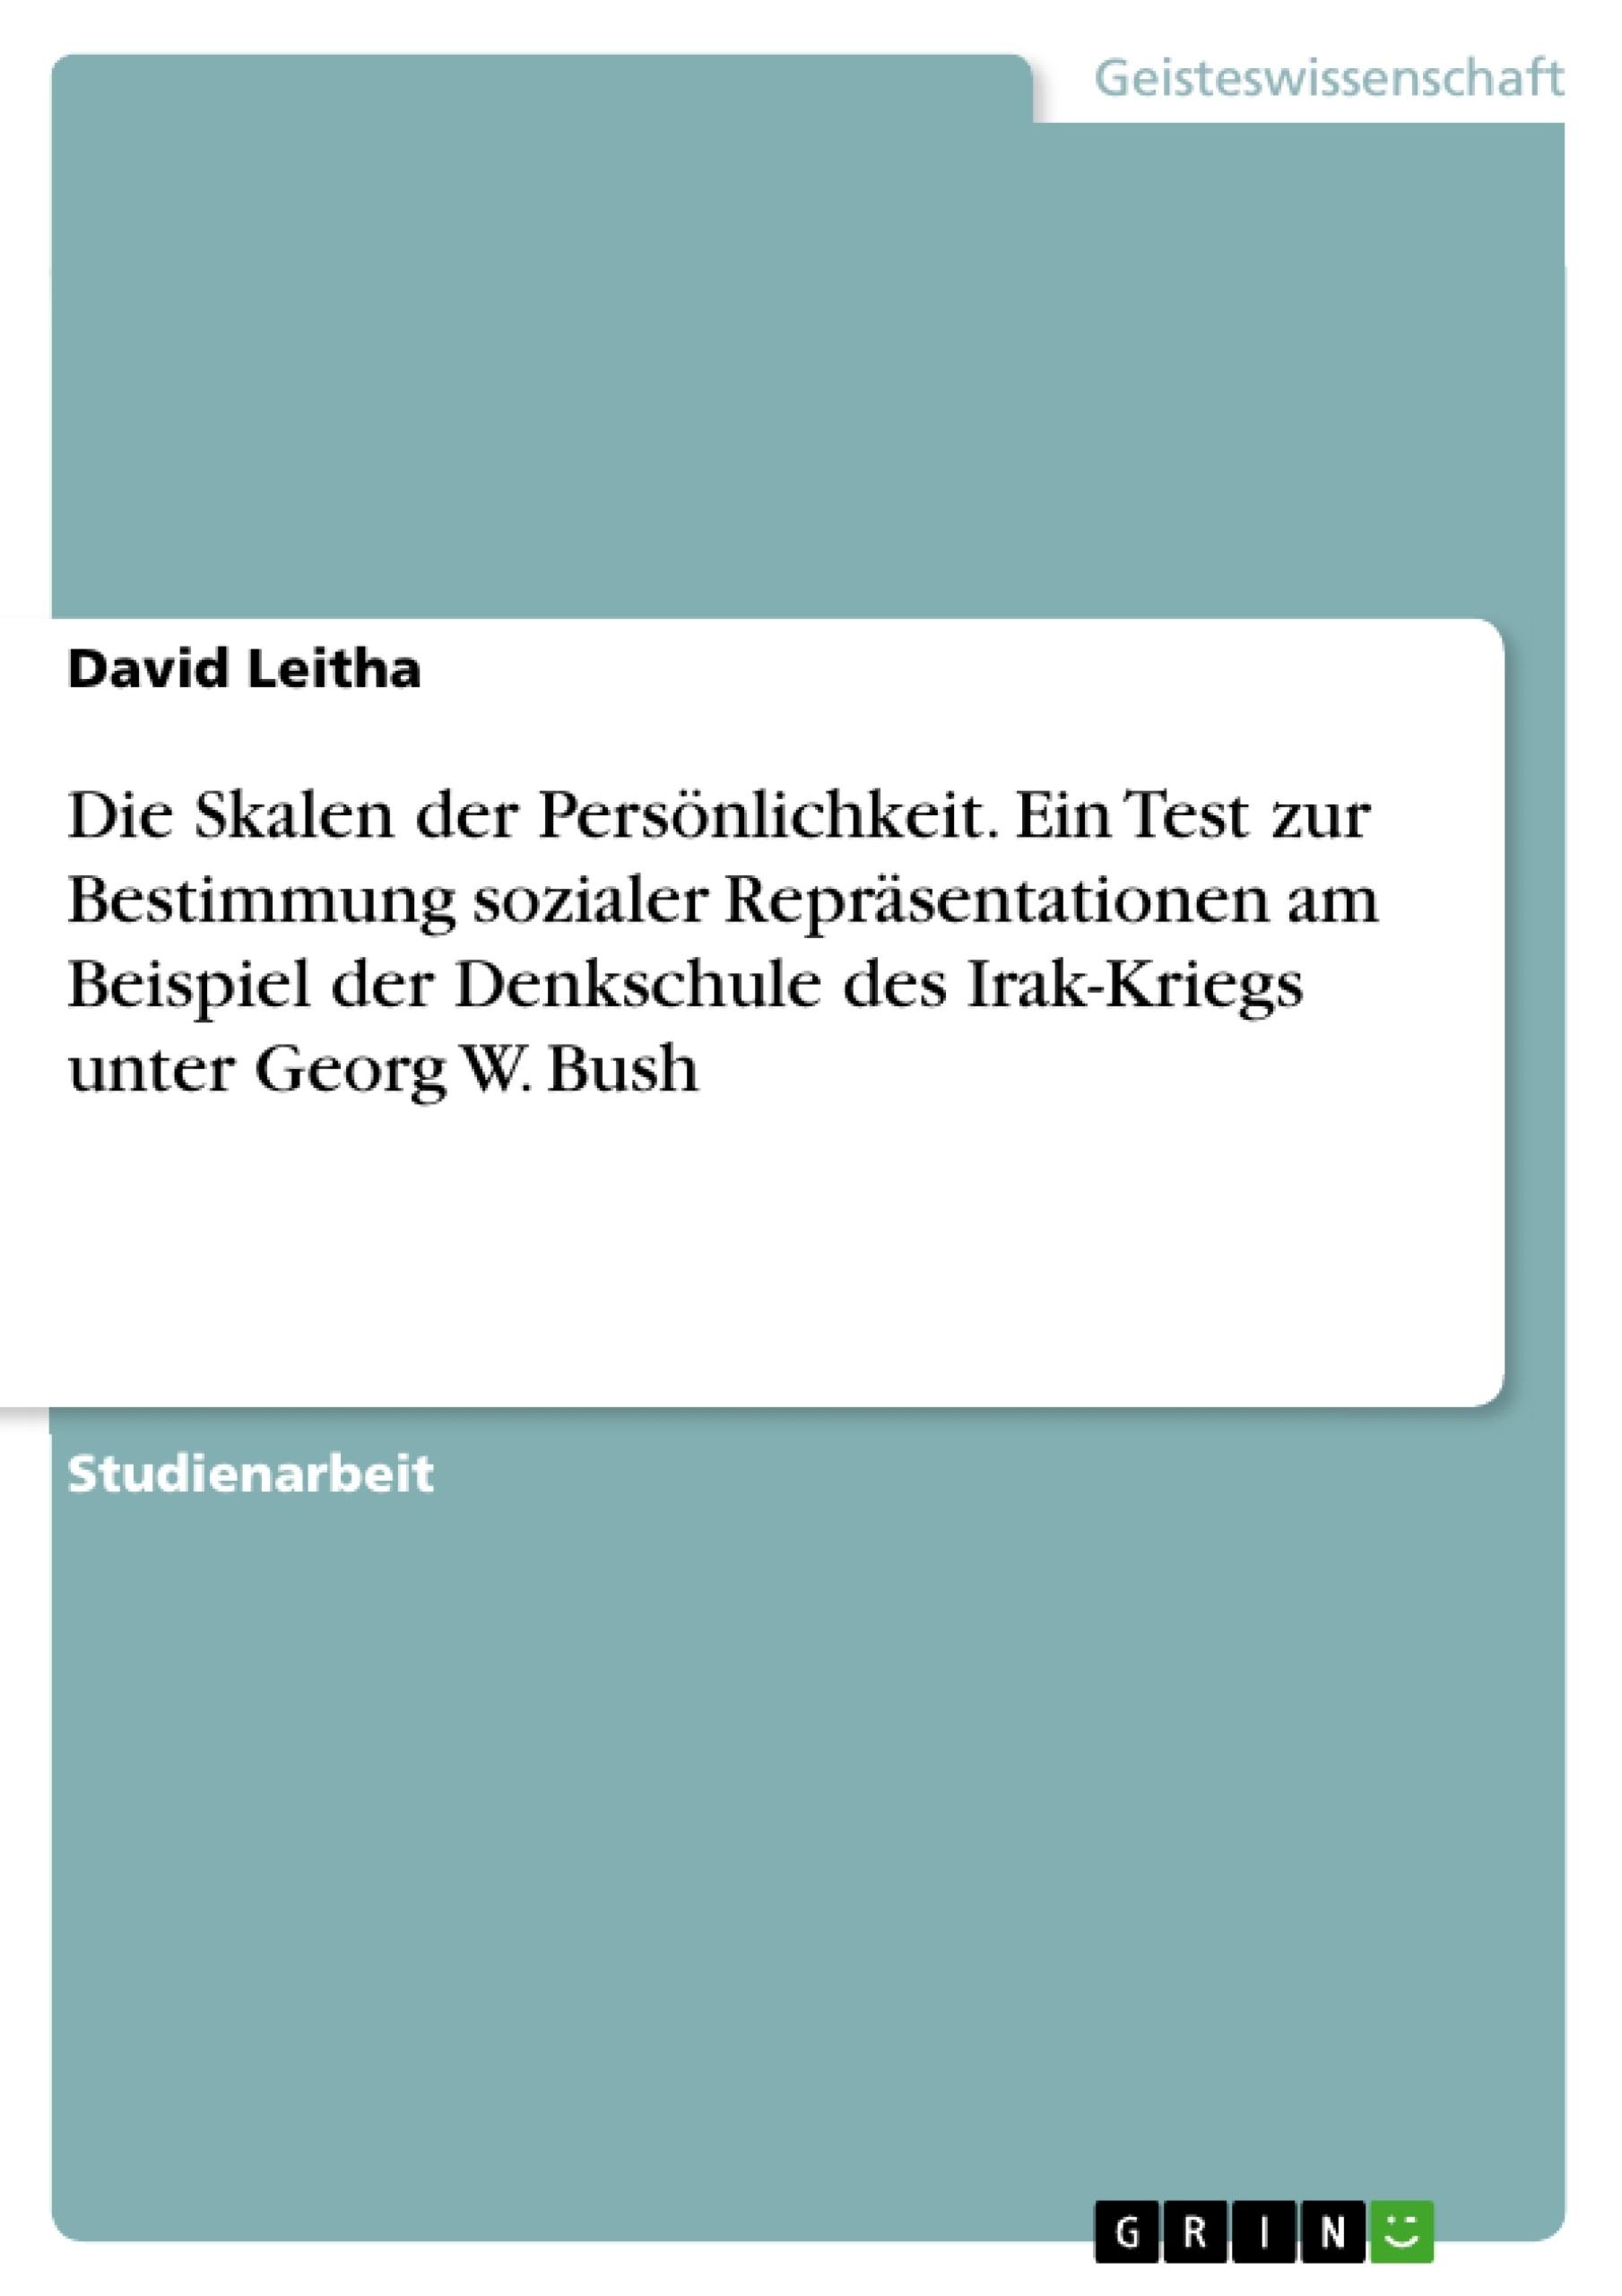 Titel: Die Skalen der Persönlichkeit. Ein Test zur Bestimmung sozialer Repräsentationen am Beispiel der Denkschule des Irak-Kriegs unter Georg W. Bush